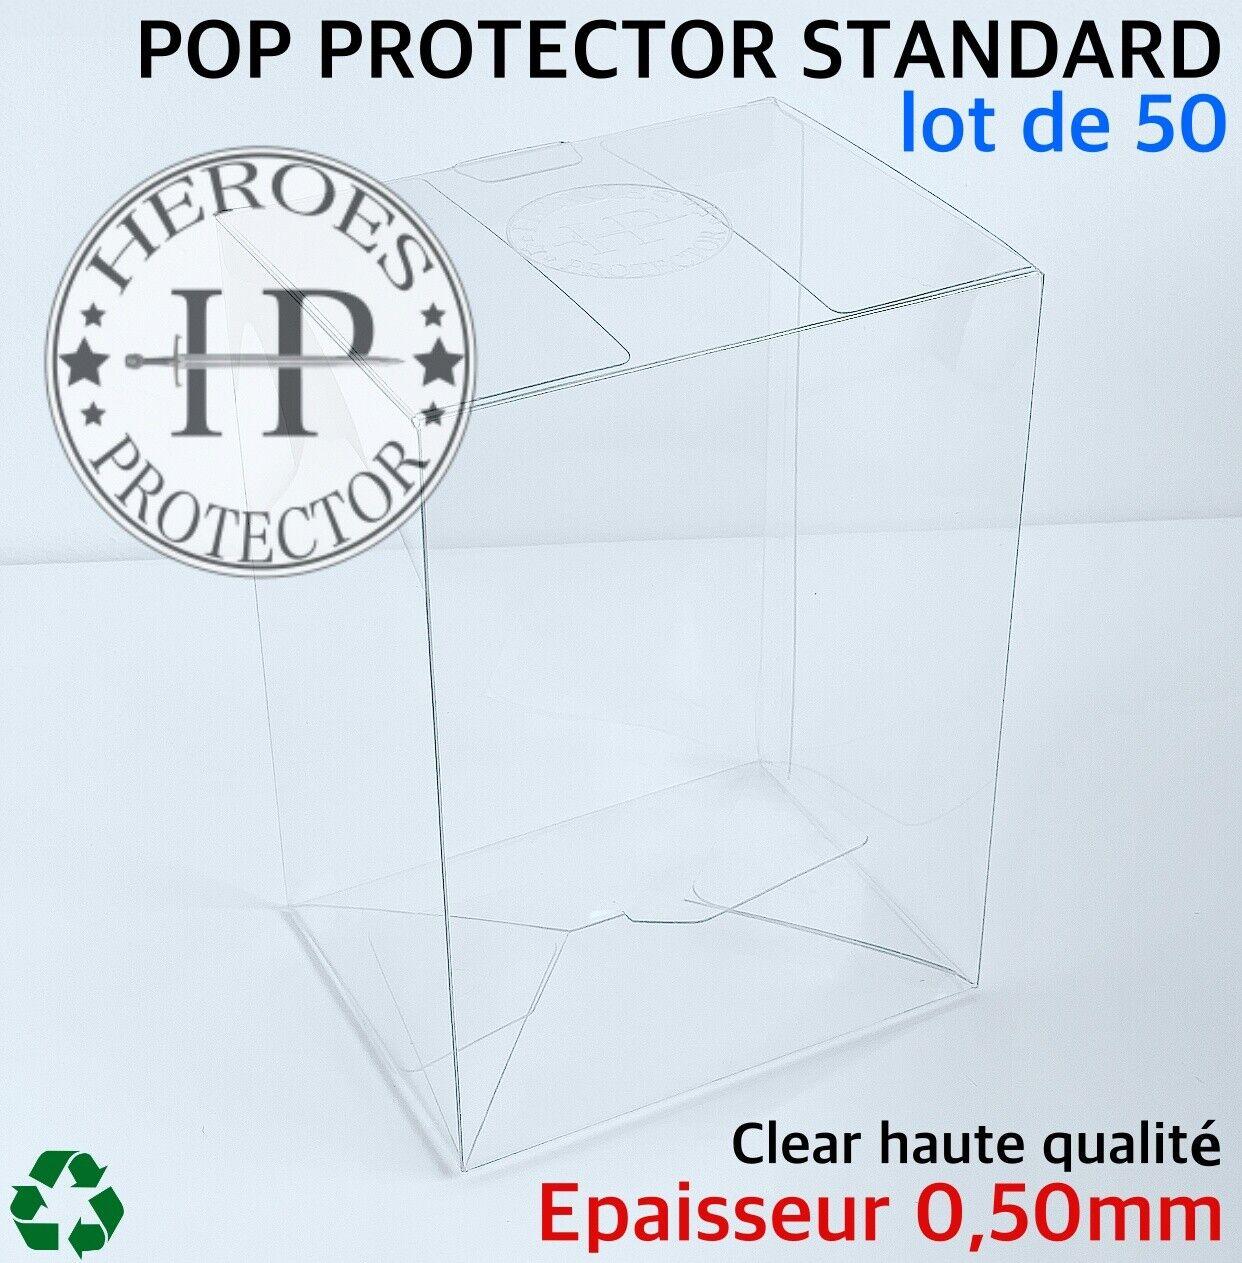 LOT DE 50 HEROES ProssoECTOR 0,50mm divertiessitoko Pop Vinyl 4  Prossoection Vinyl scatola Case